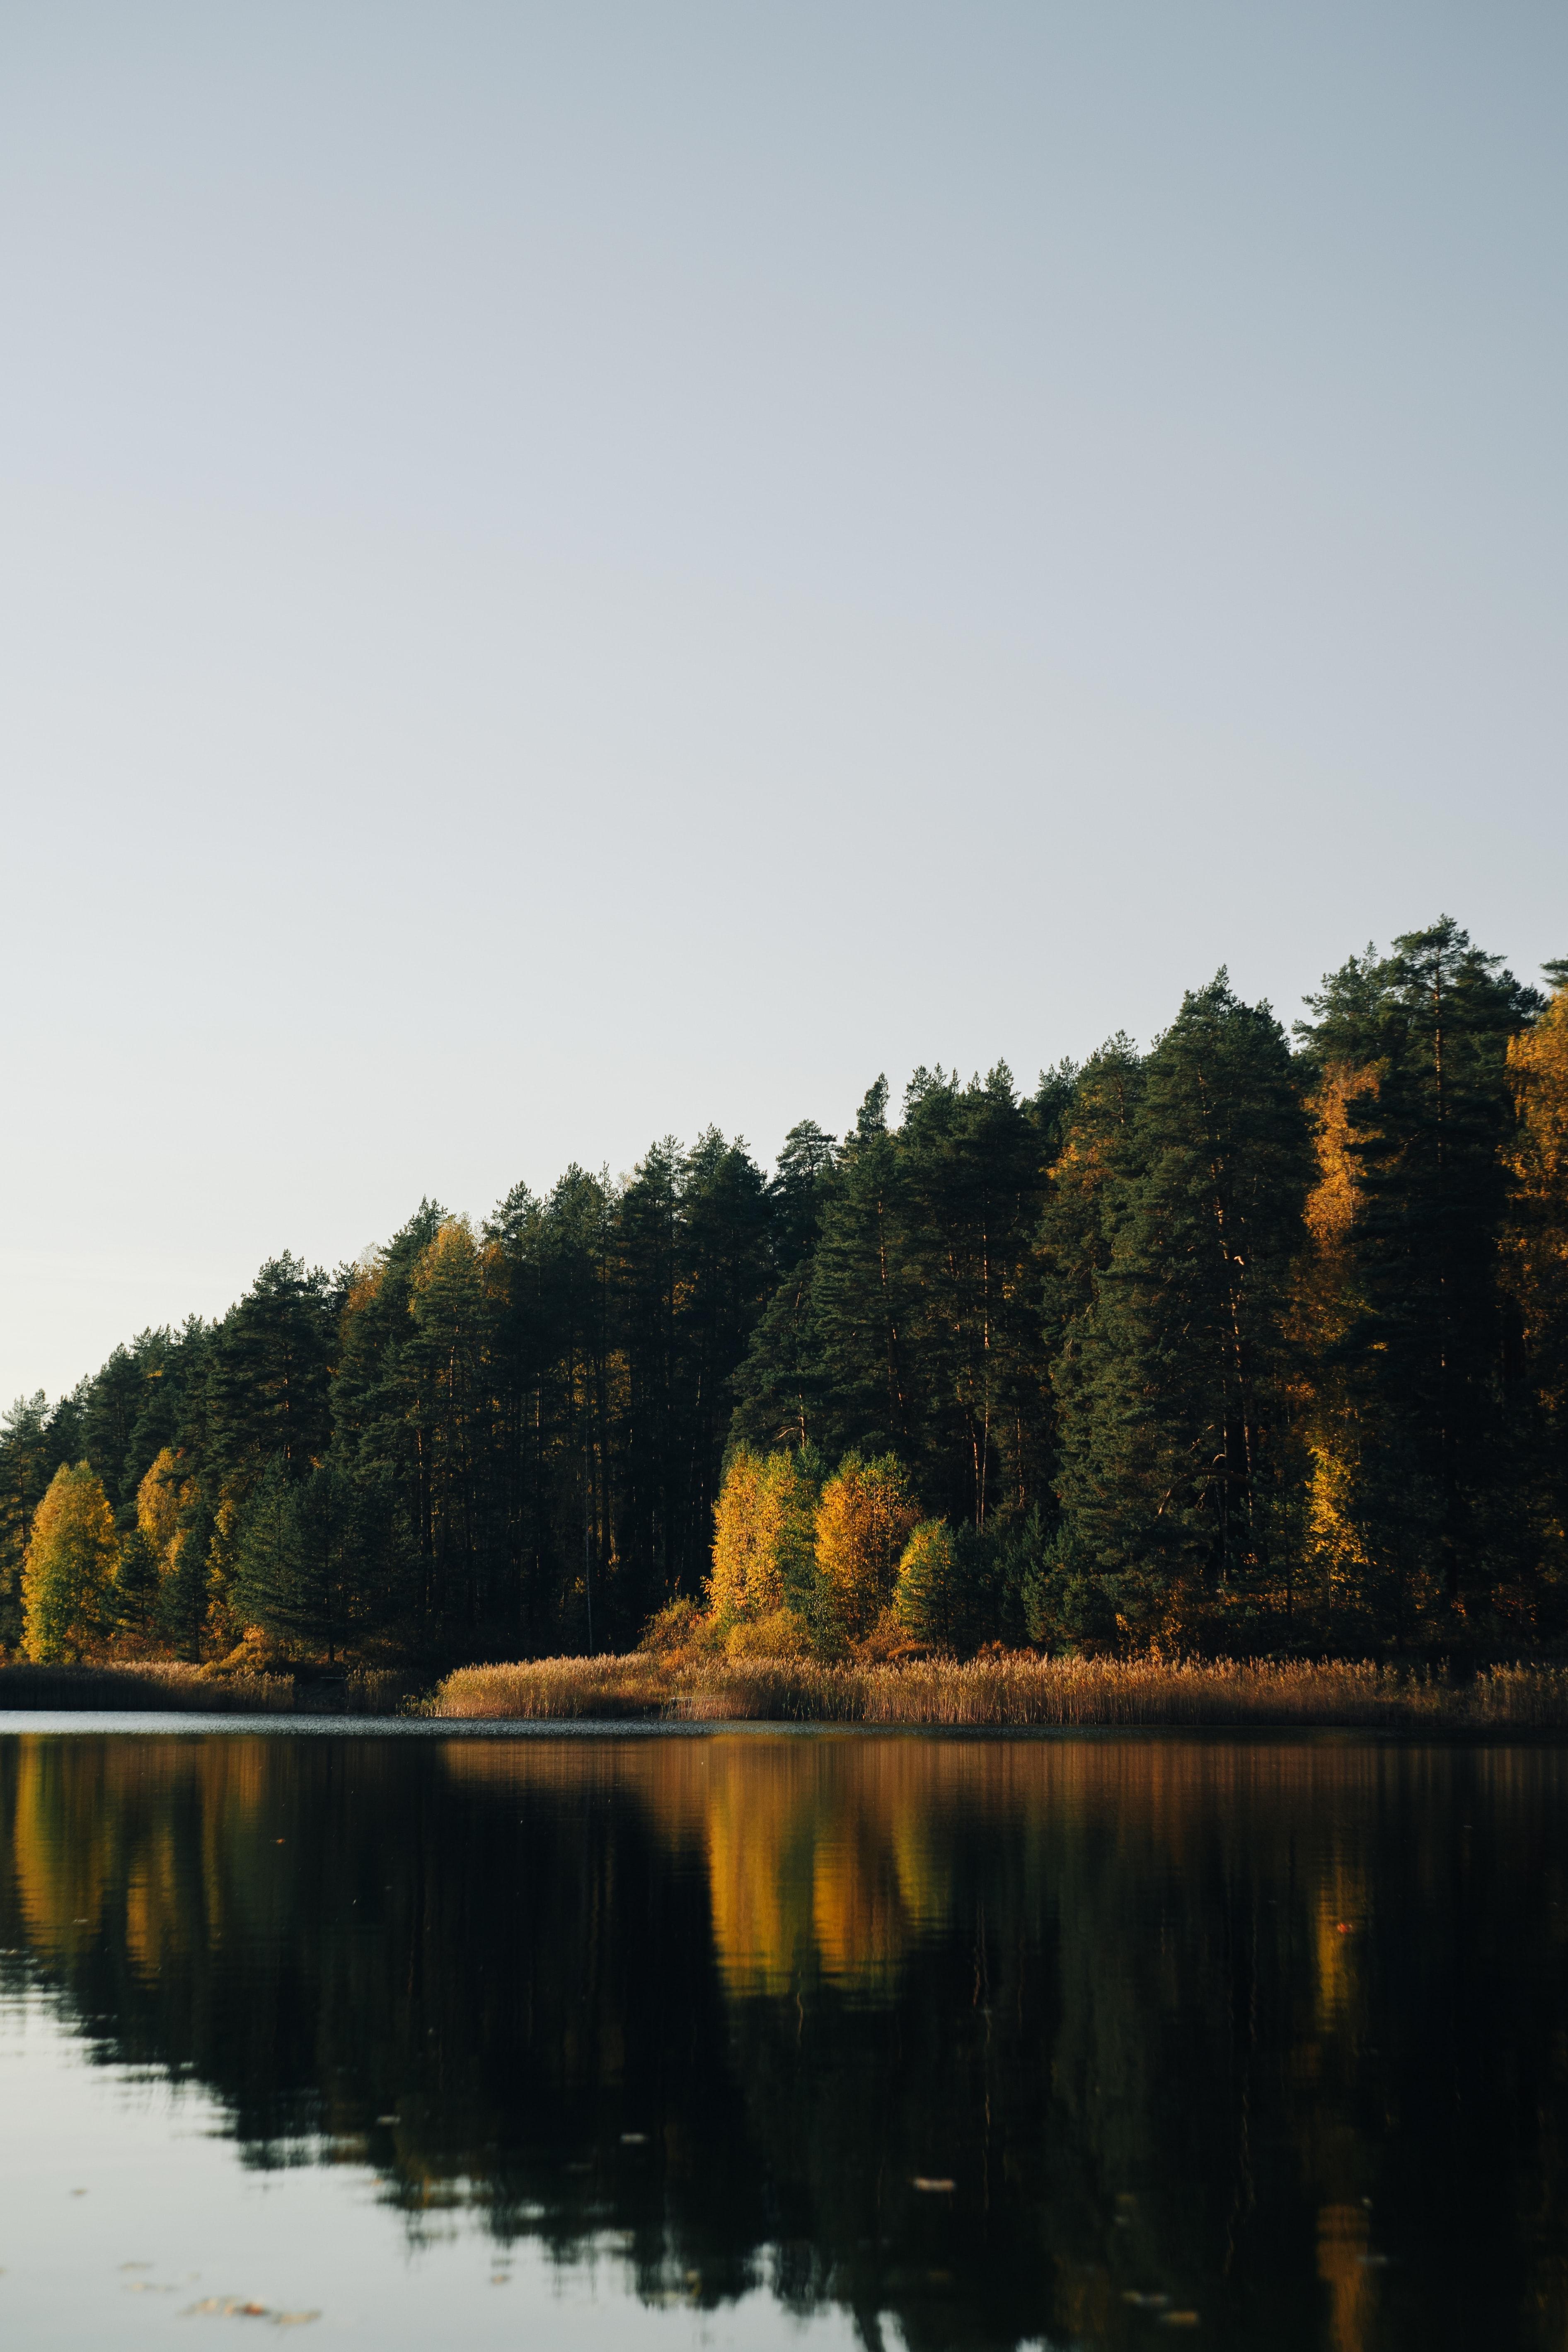 63875 Hintergrundbild 1024x768 kostenlos auf deinem Handy, lade Bilder Natur, Wasser, Bäume, See, Reflexion, Wald 1024x768 auf dein Handy herunter